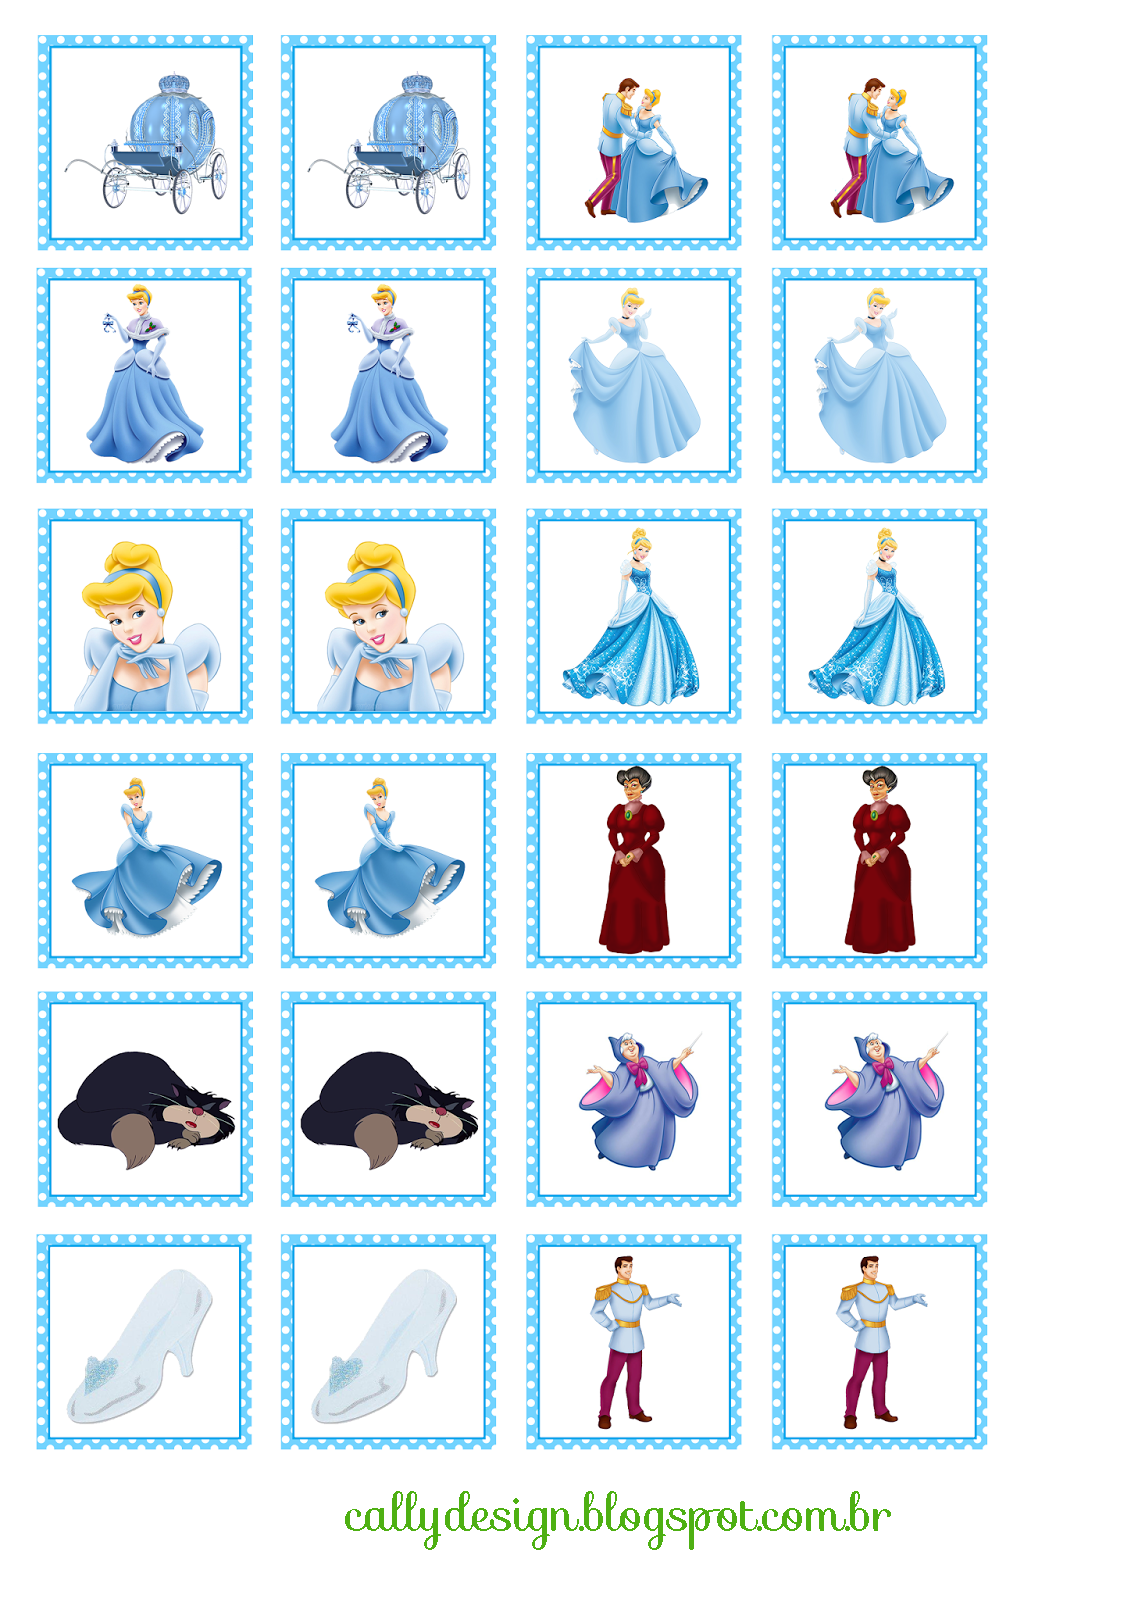 Cally S Design Kits Personalizados Gratuitos Quebra Cabeca E Jogo Da Memoria Personalizados Para Imp Disney Para Imprimir Decoracao Cinderela Jogos De Memoria